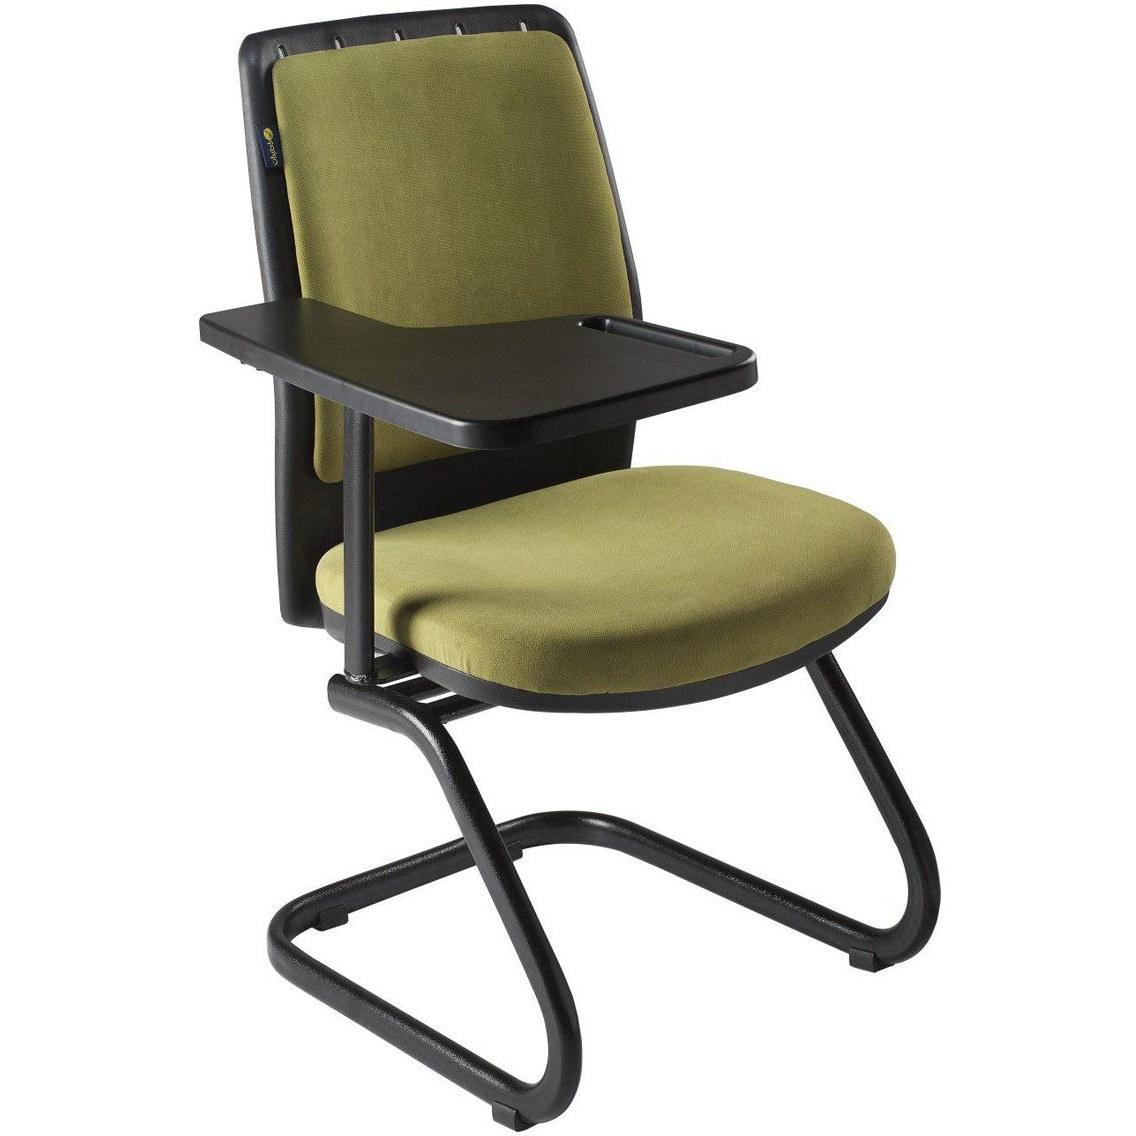 صندلی آموزشی راحتیران CF601A با روکش چرم یا پارچه